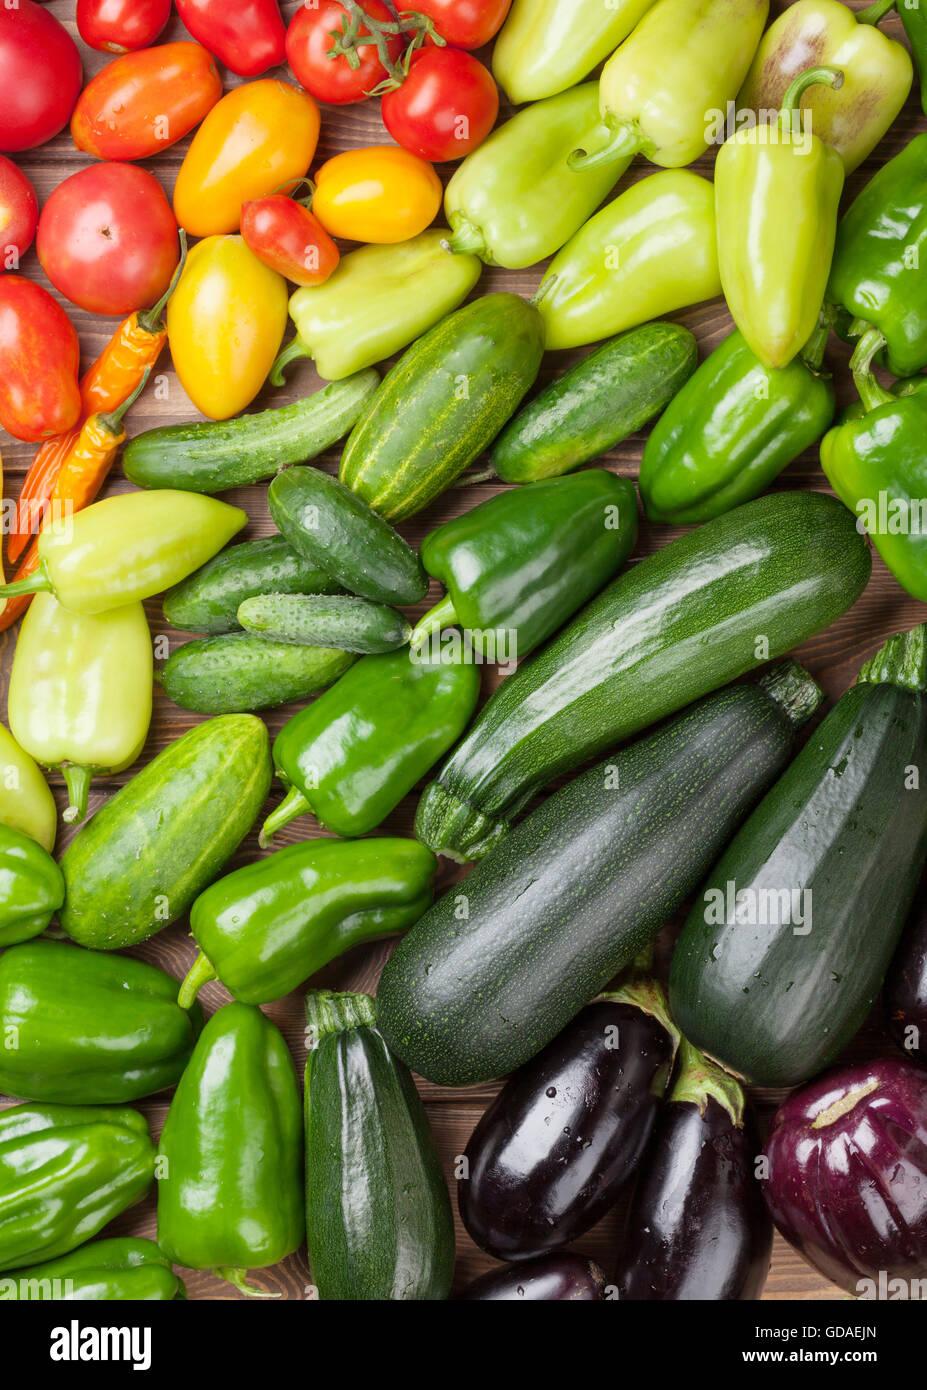 Los agricultores hortalizas frescas en la mesa de madera. Vista superior Imagen De Stock